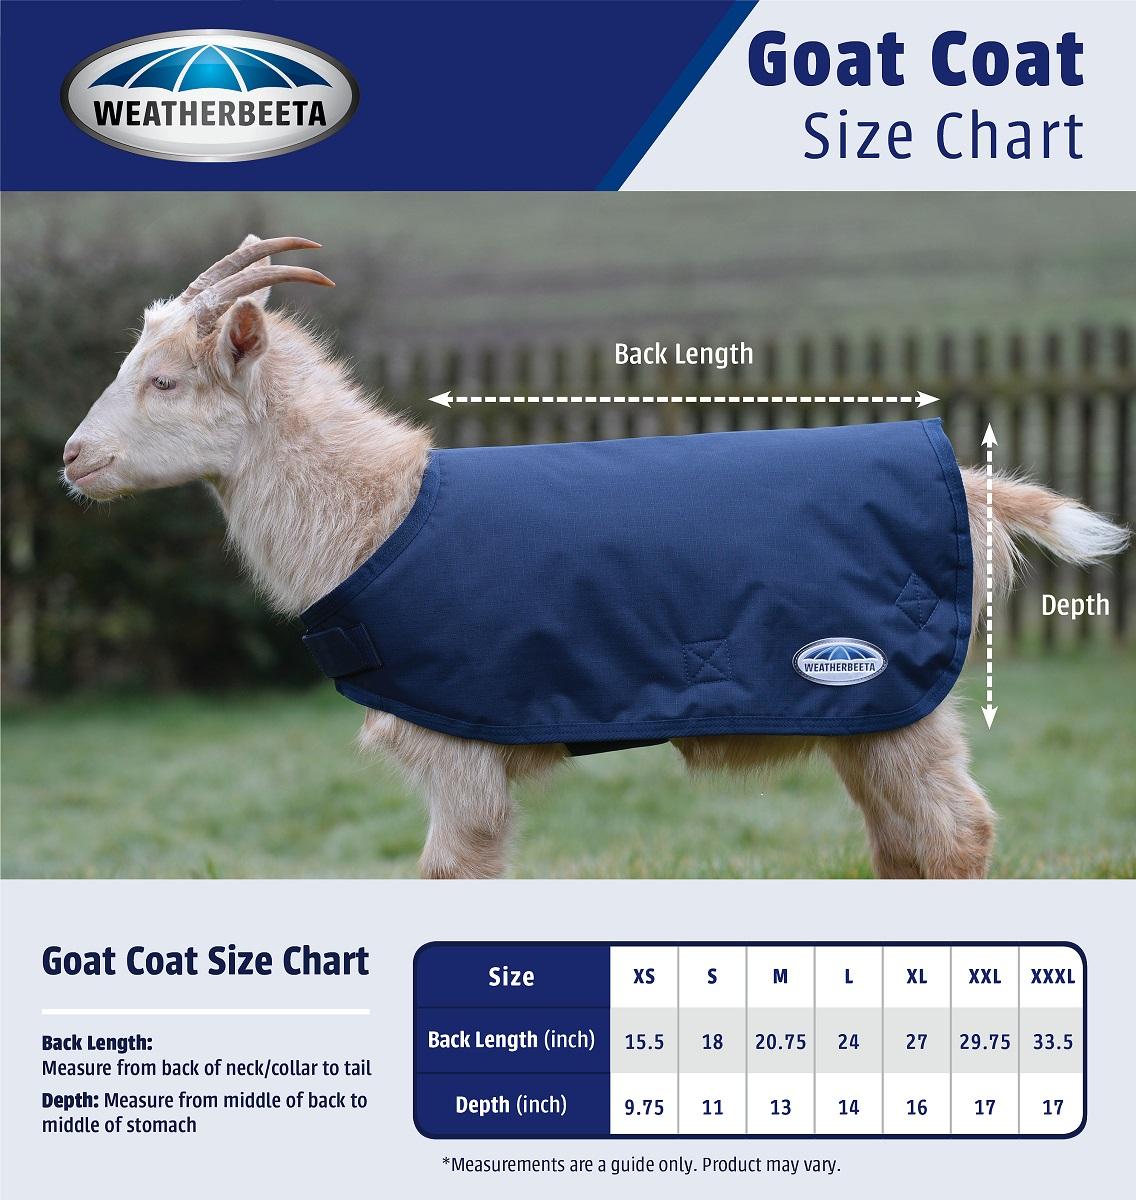 WeatherBeeta Goat Coat Size Chart